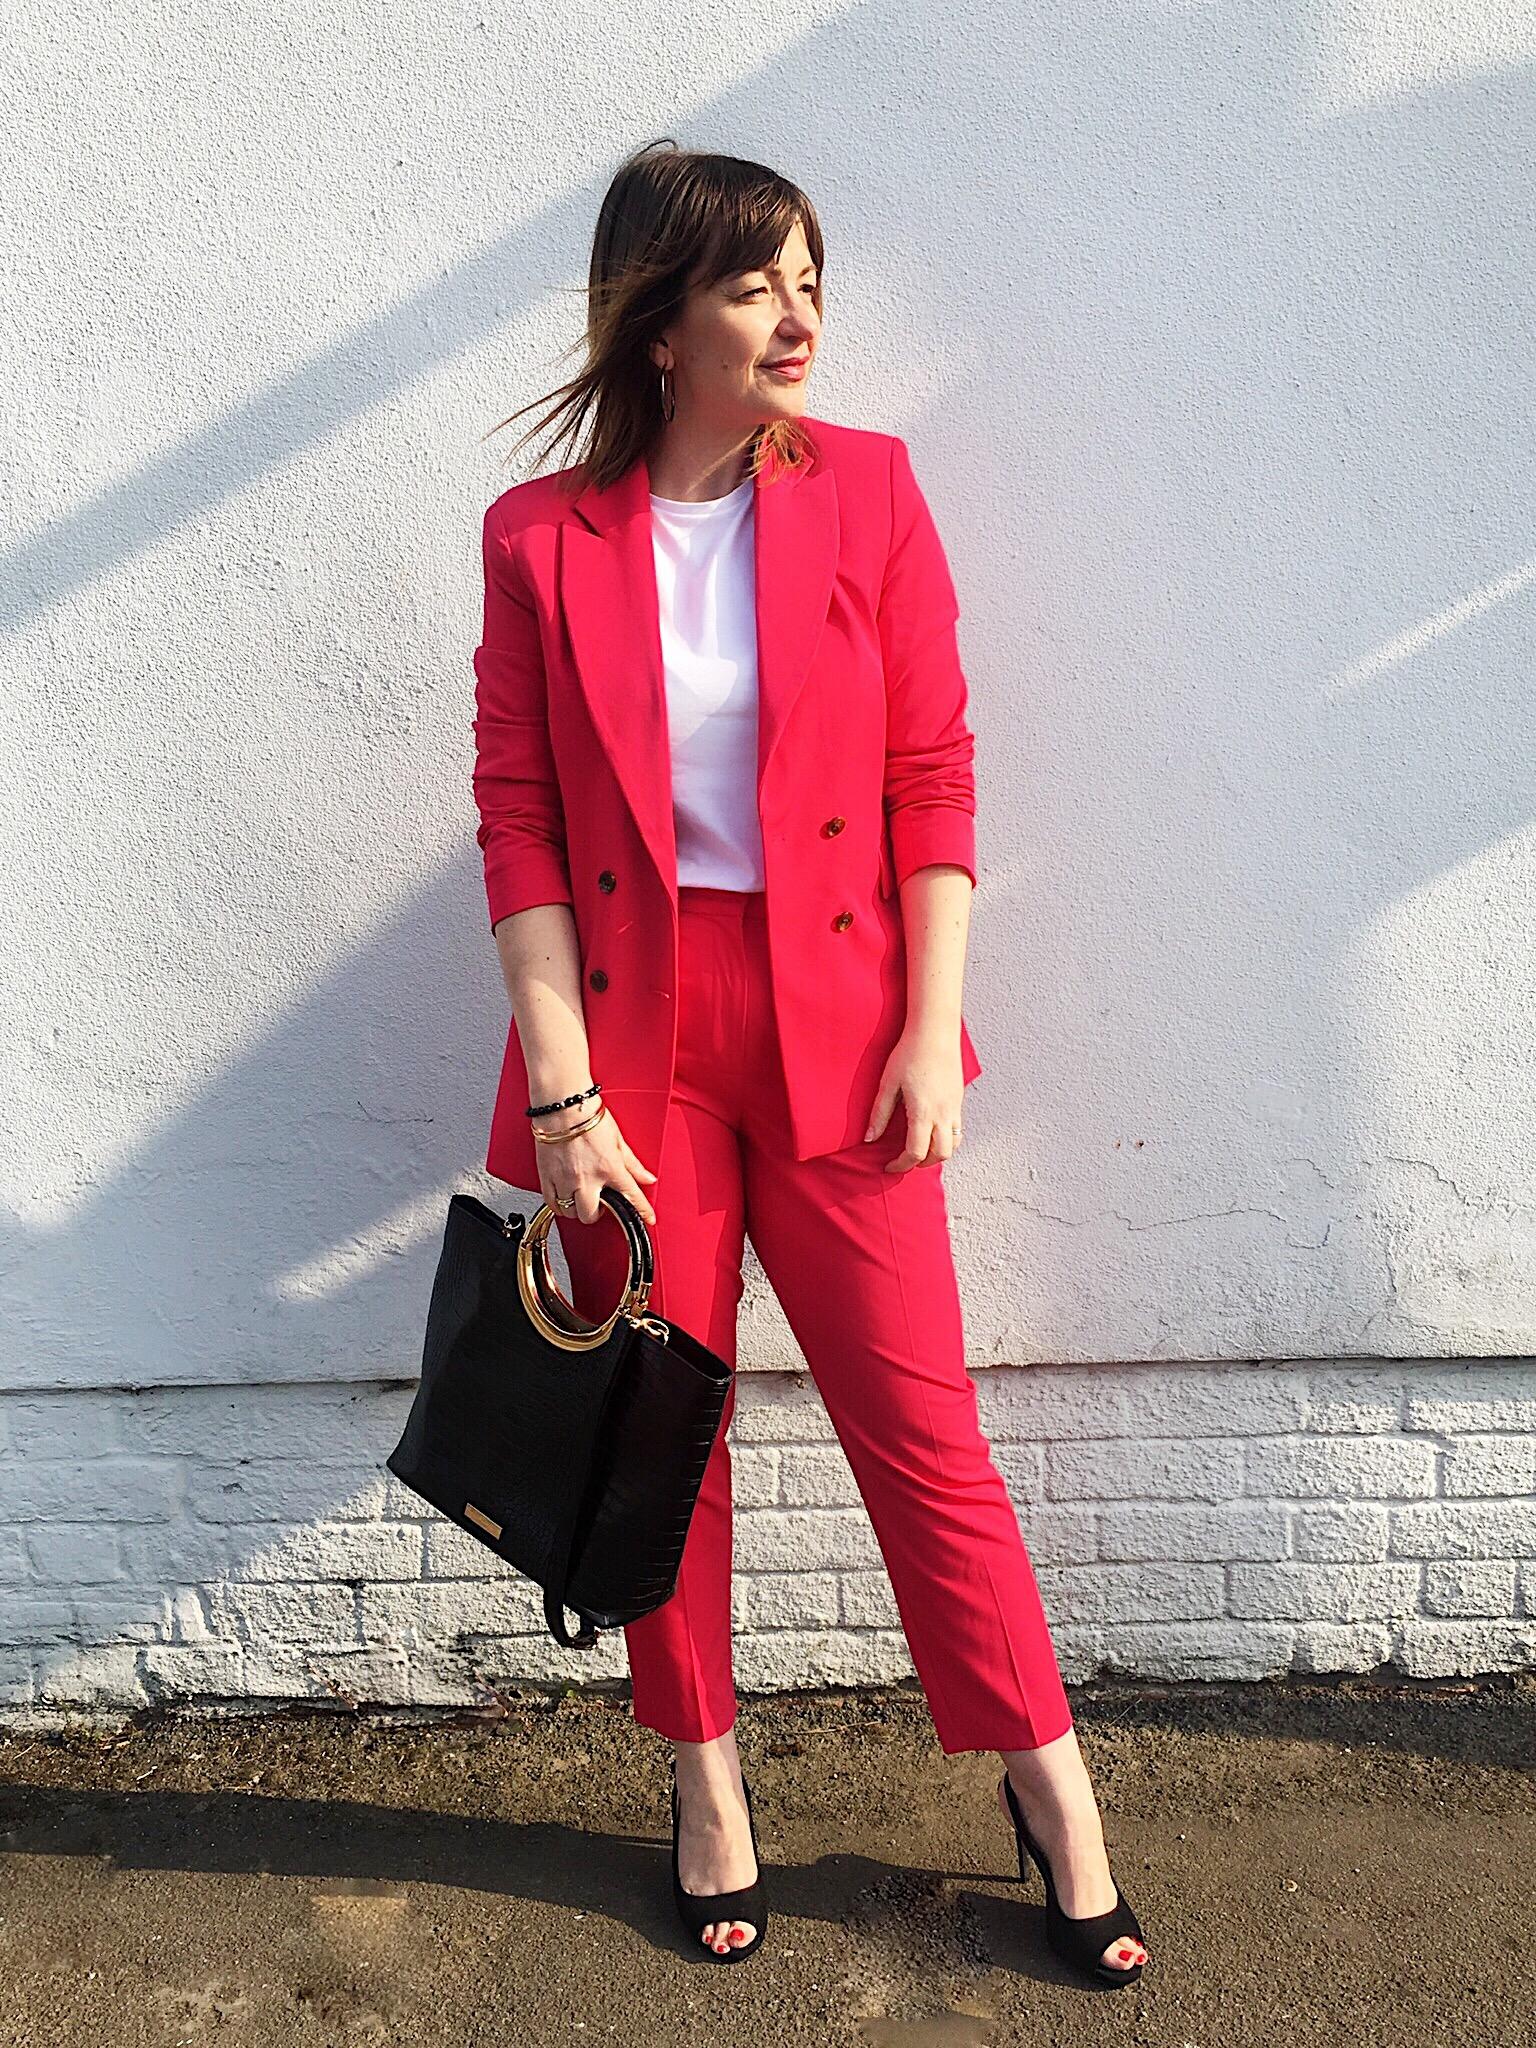 Topshop Pink Trouser Suit